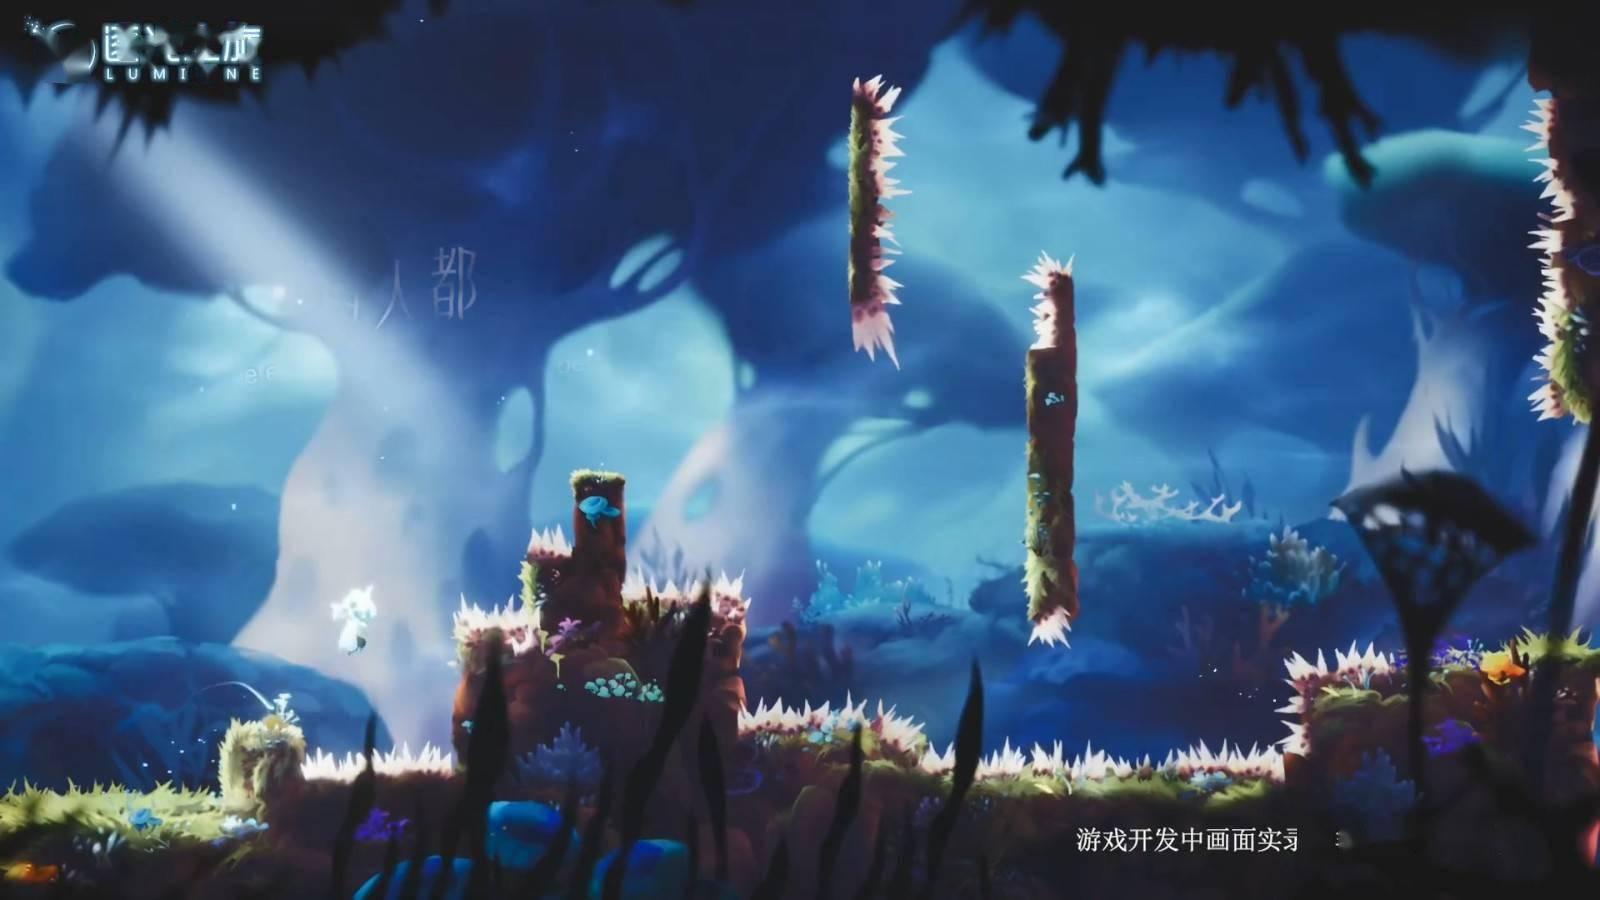 高能电玩节:国产单机《逐光之旅》最新宣传片